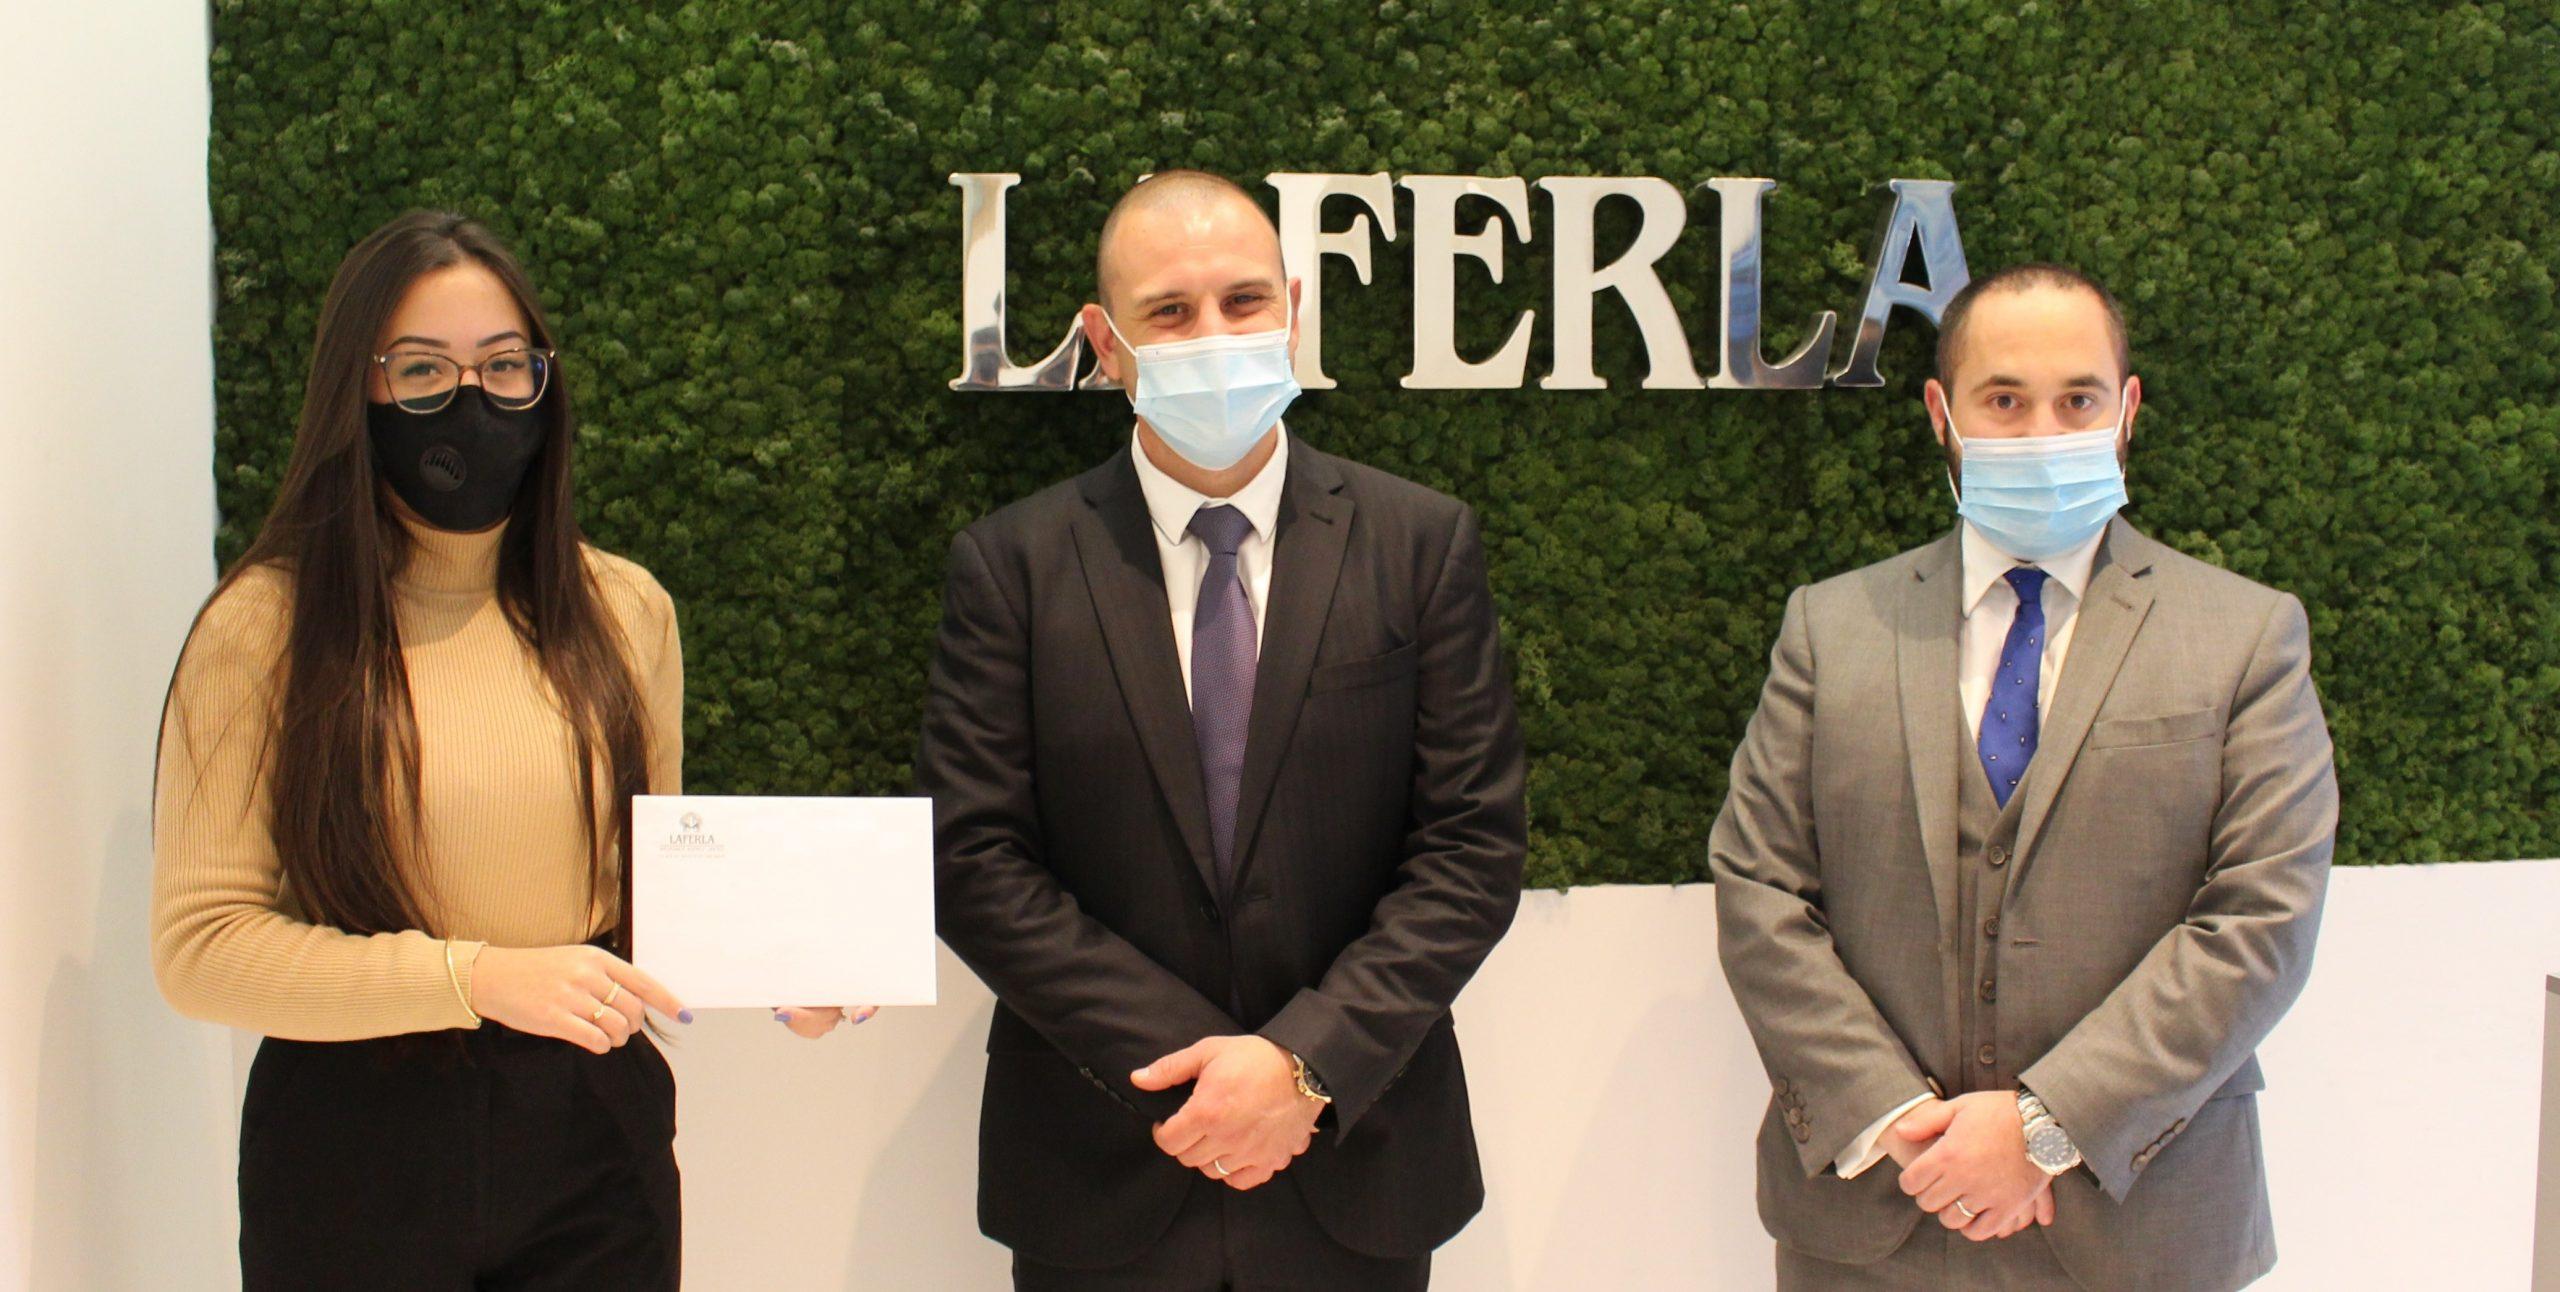 Laferla Staff and Directors Donate €1,000